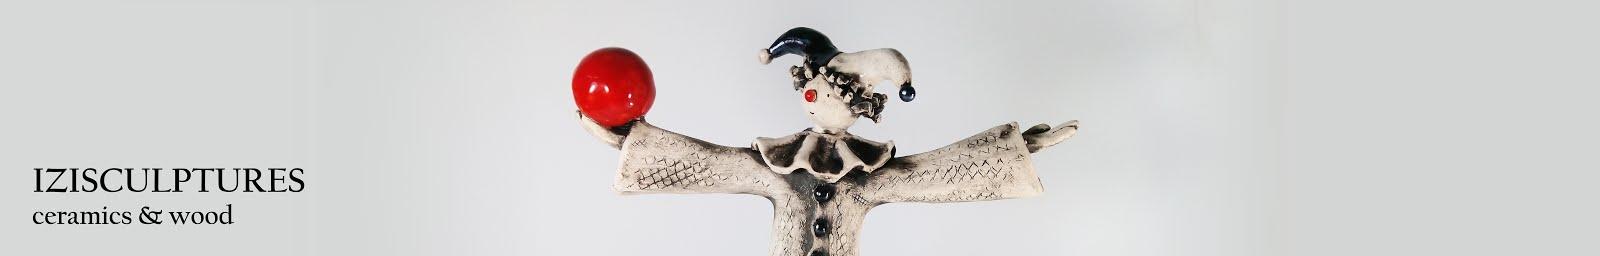 Izisculptures